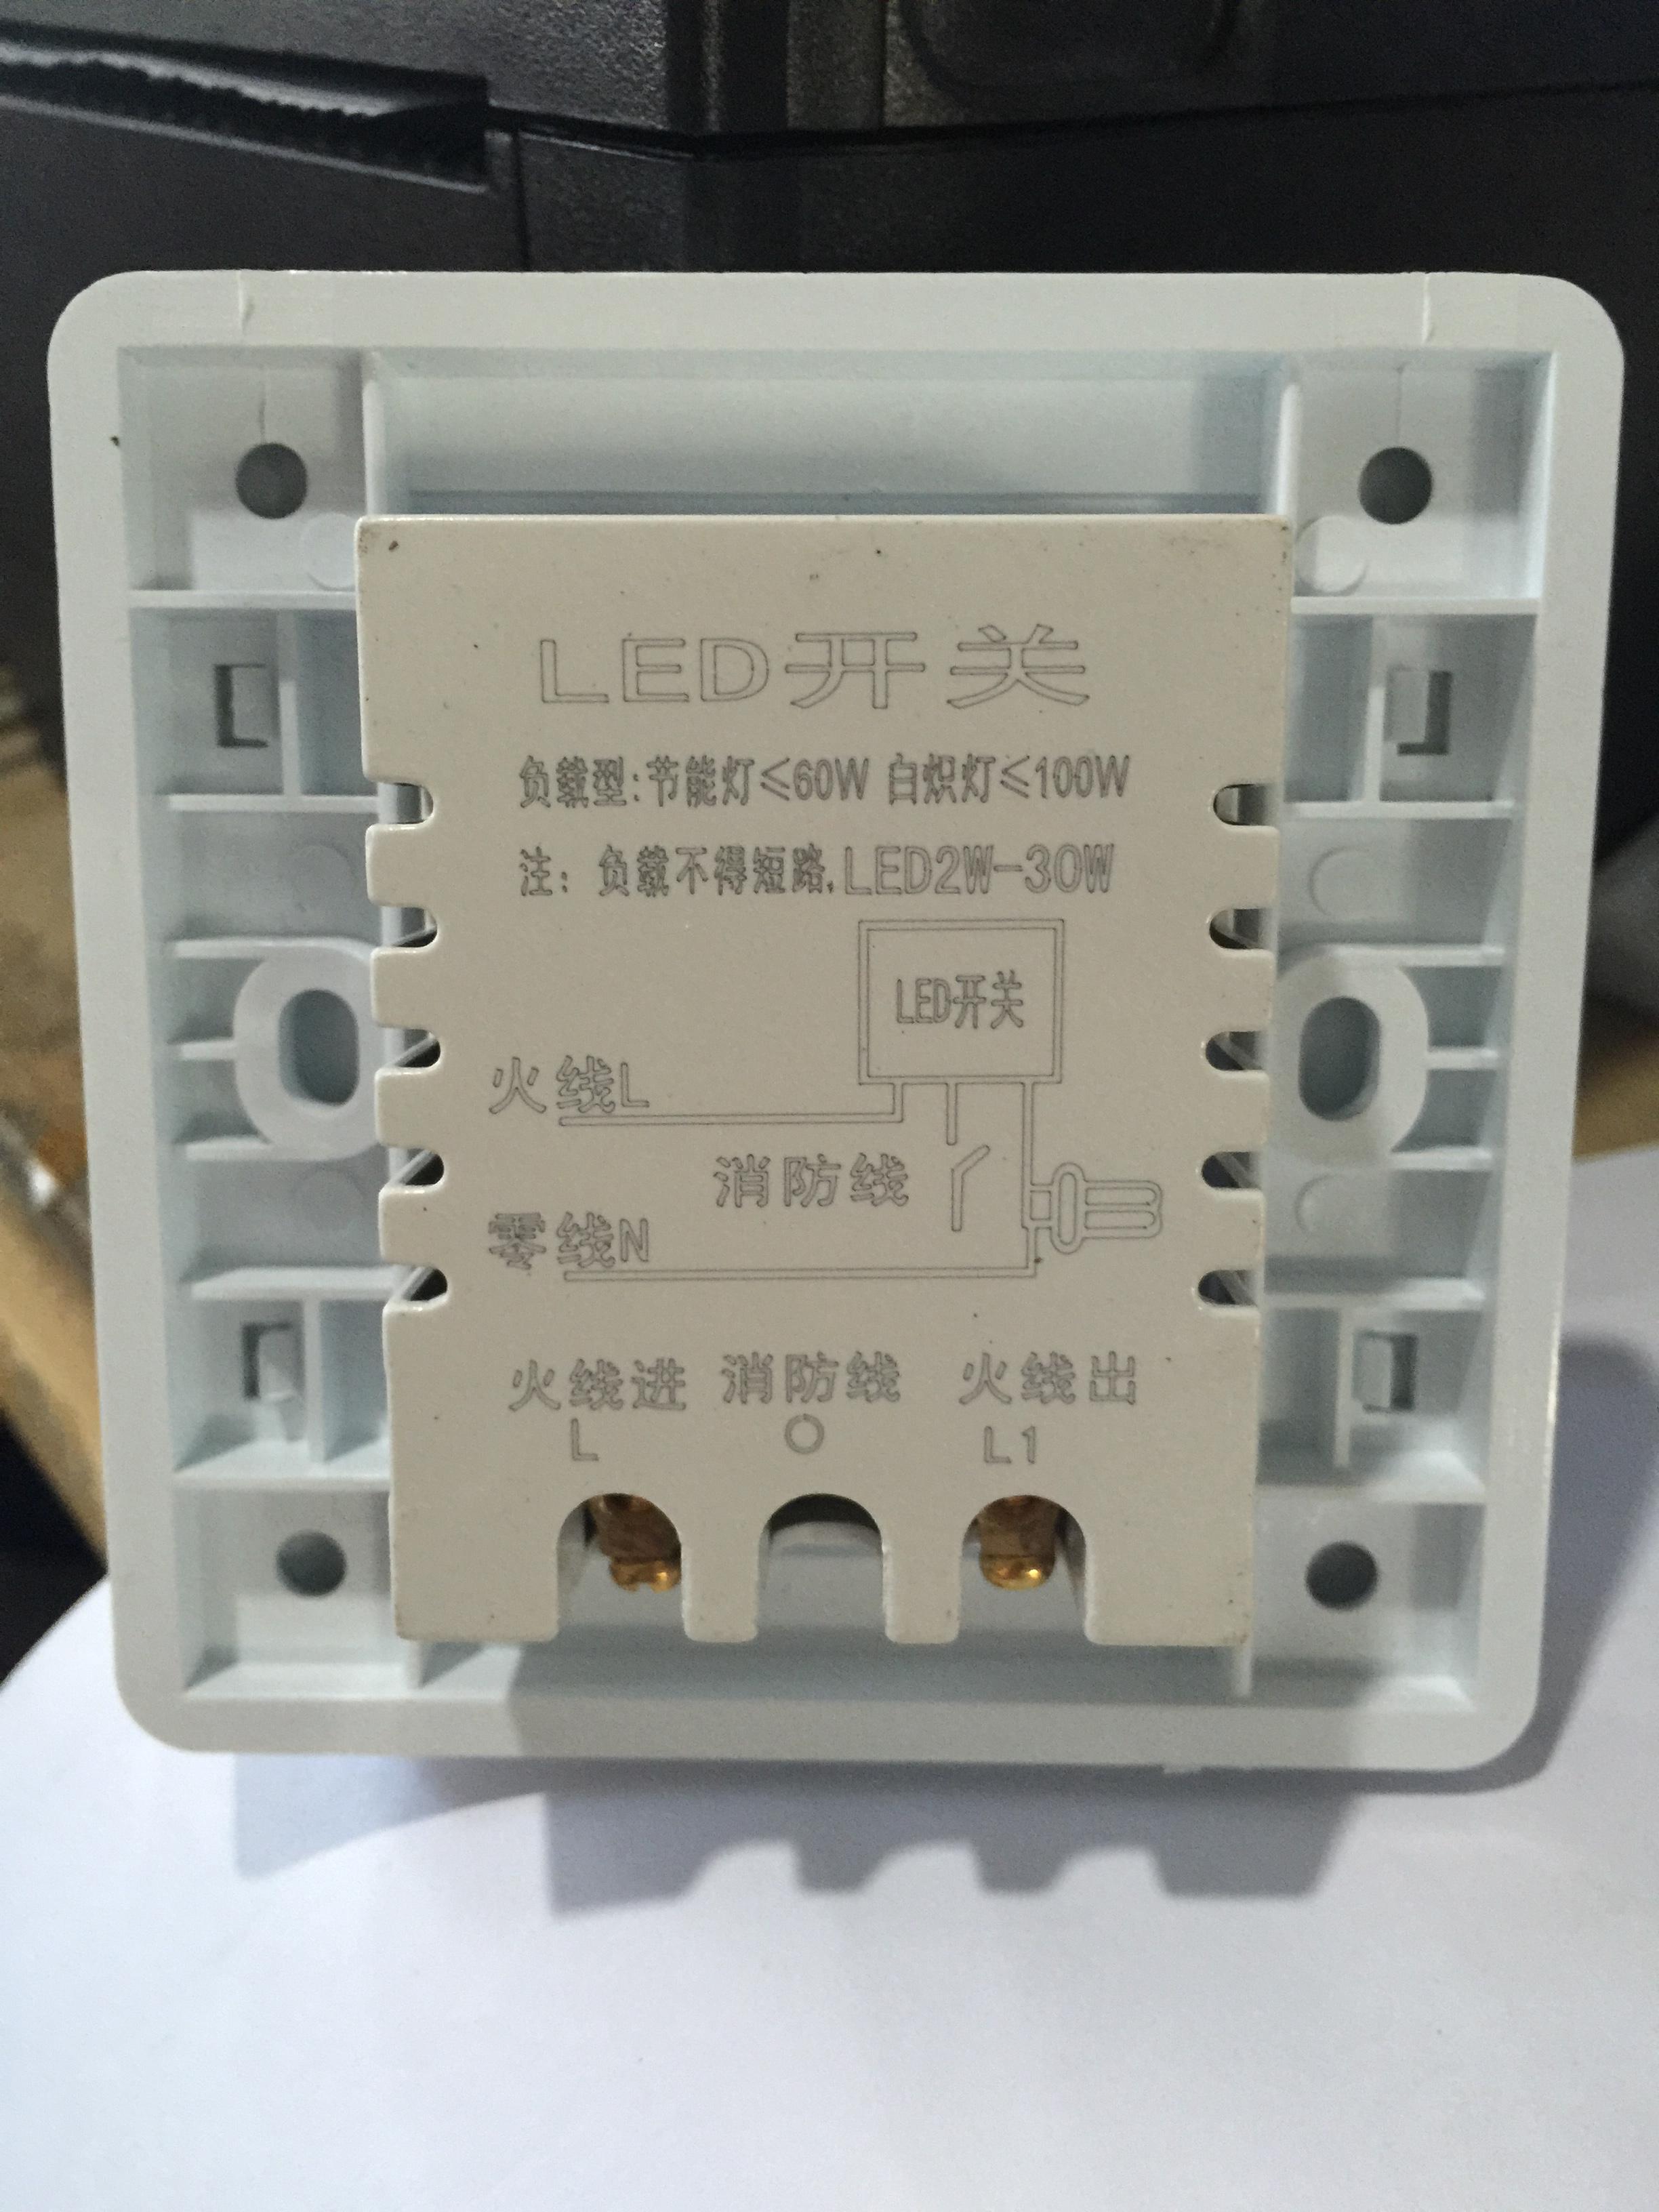 特价86型声控开关智能声光控延时感应开关面板楼道节能灯led灯